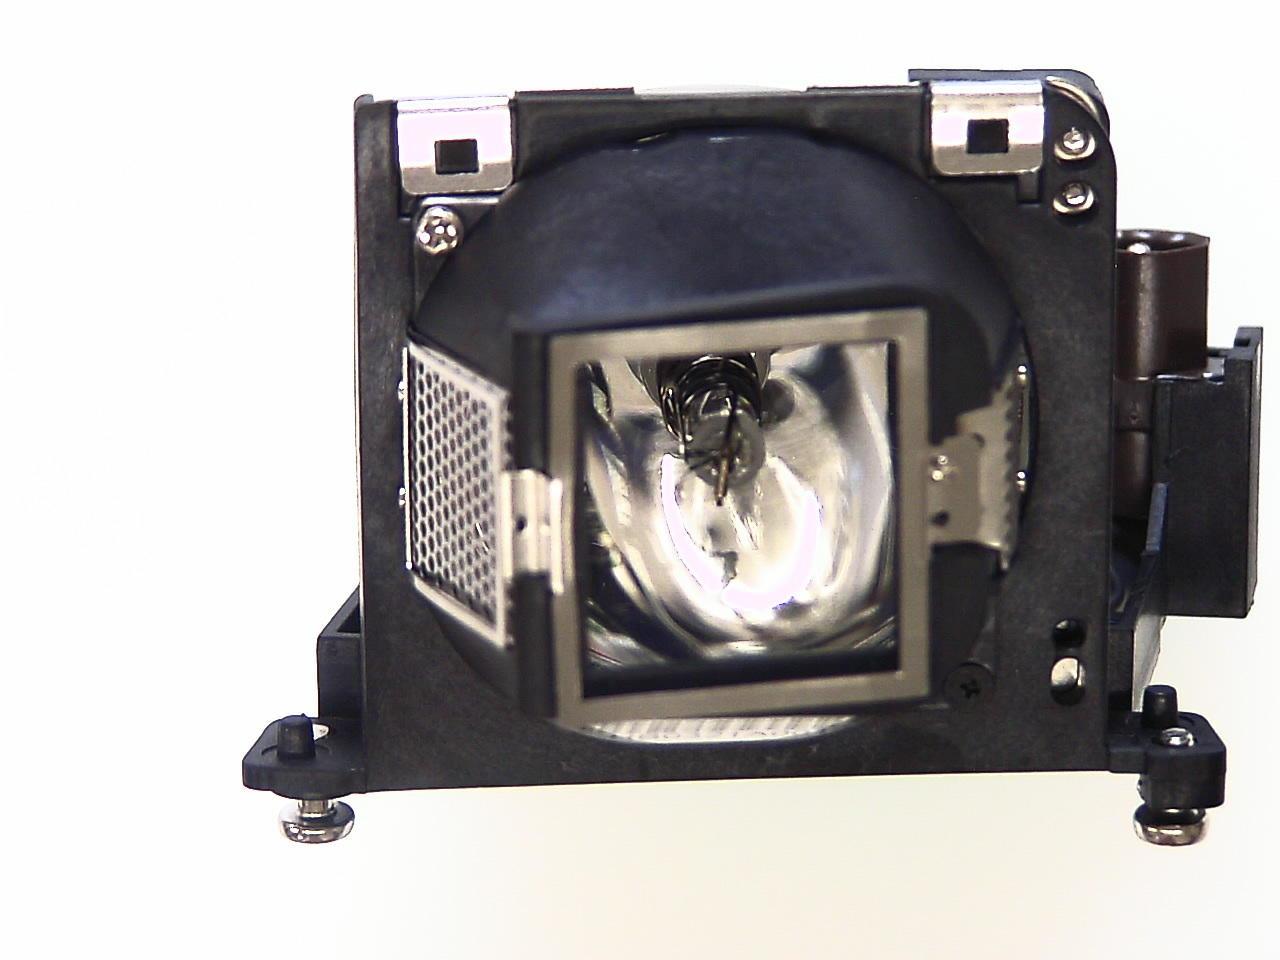 Lampada proiettori super thorn thornatlas disponibili - Cerca, compra, vendi nuovo e usato: V7 ...